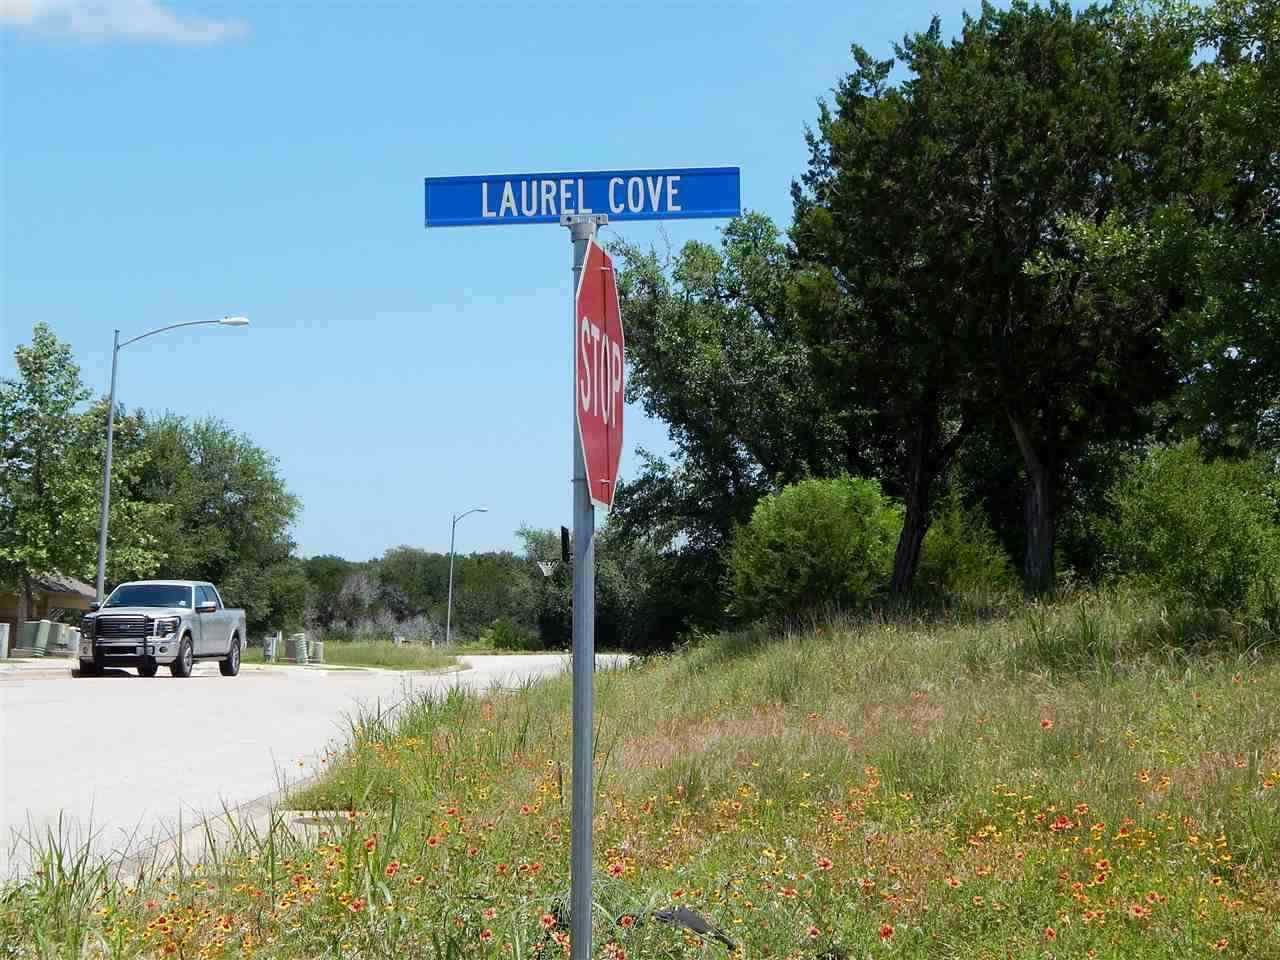 Terreno por un Venta en 53 Laurel Cove Marble Falls, Texas 78654 Estados Unidos